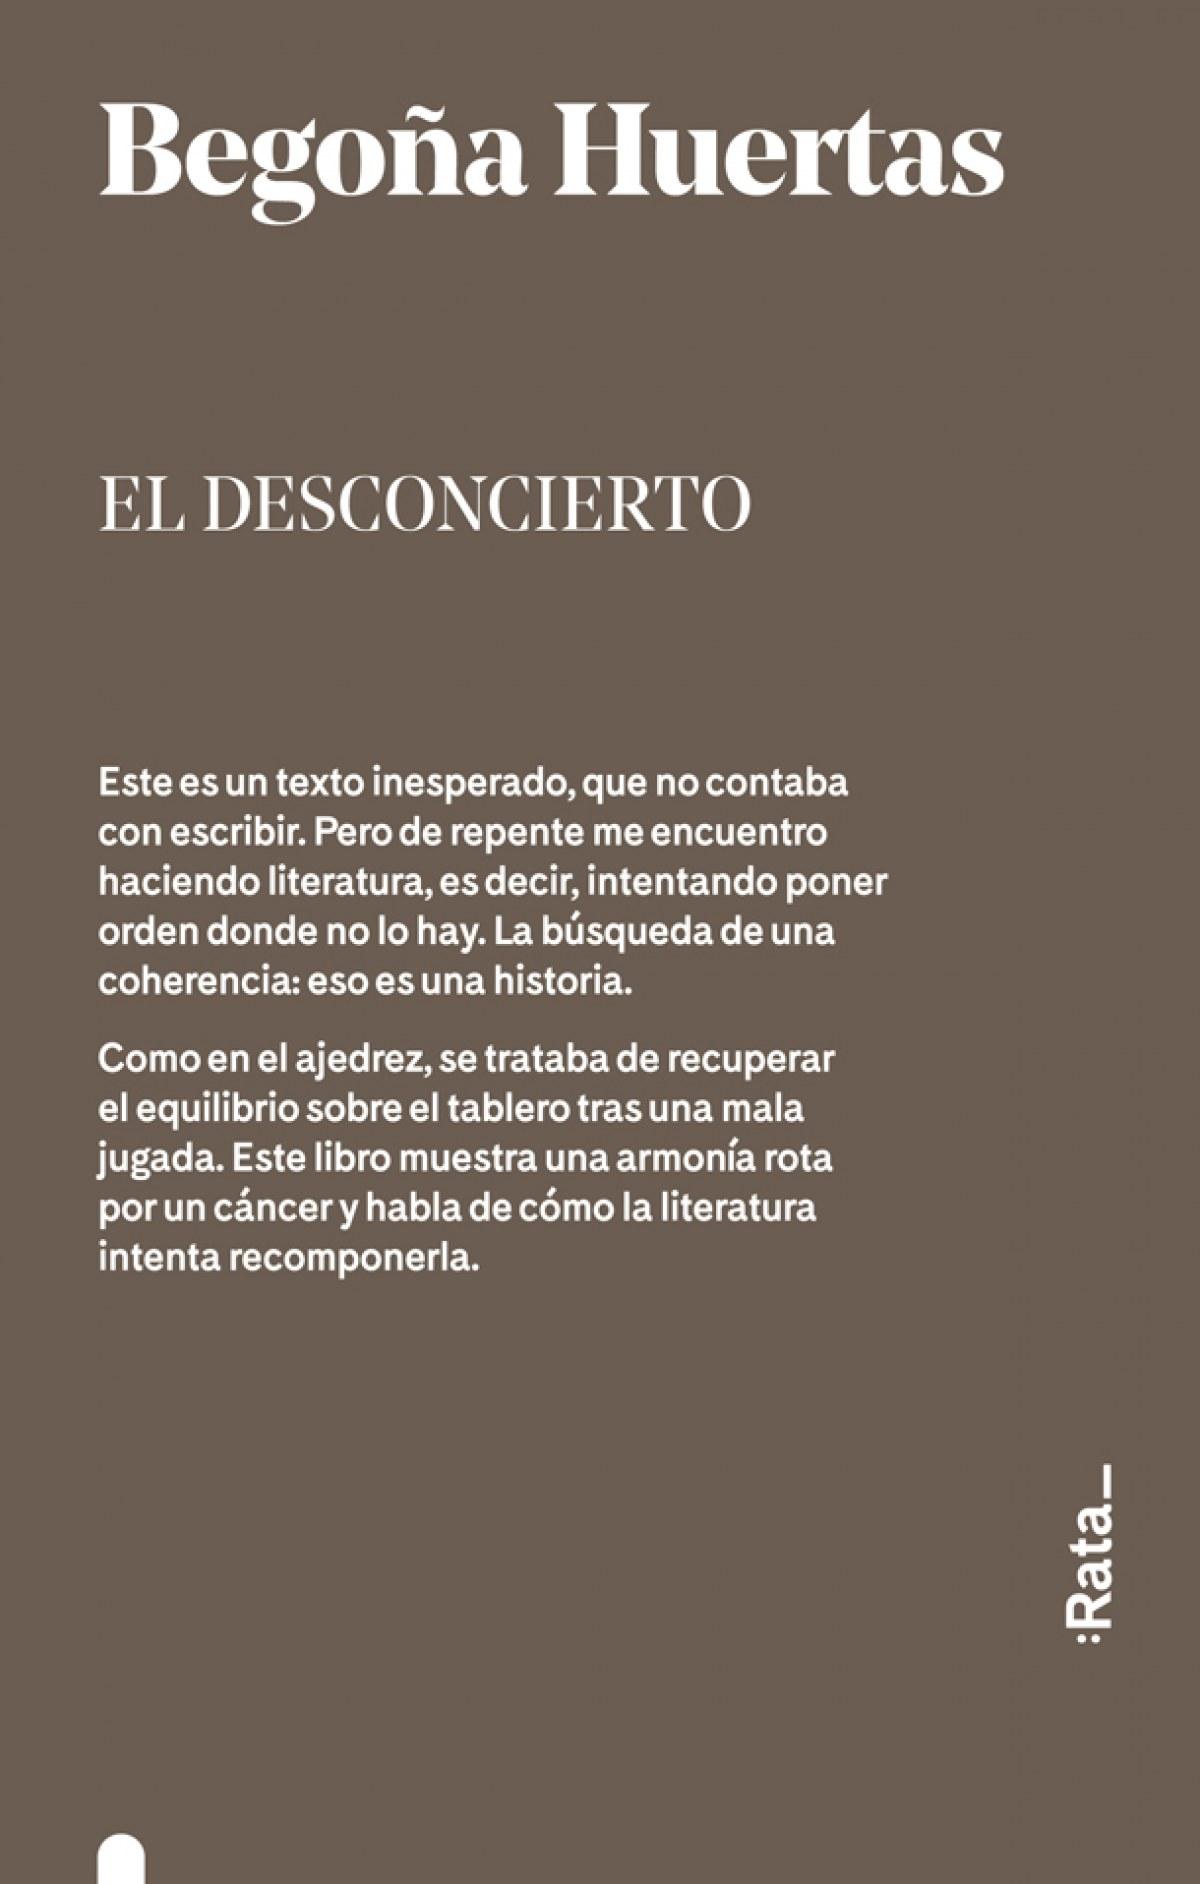 EL DESCONCIERTO 9788416738311